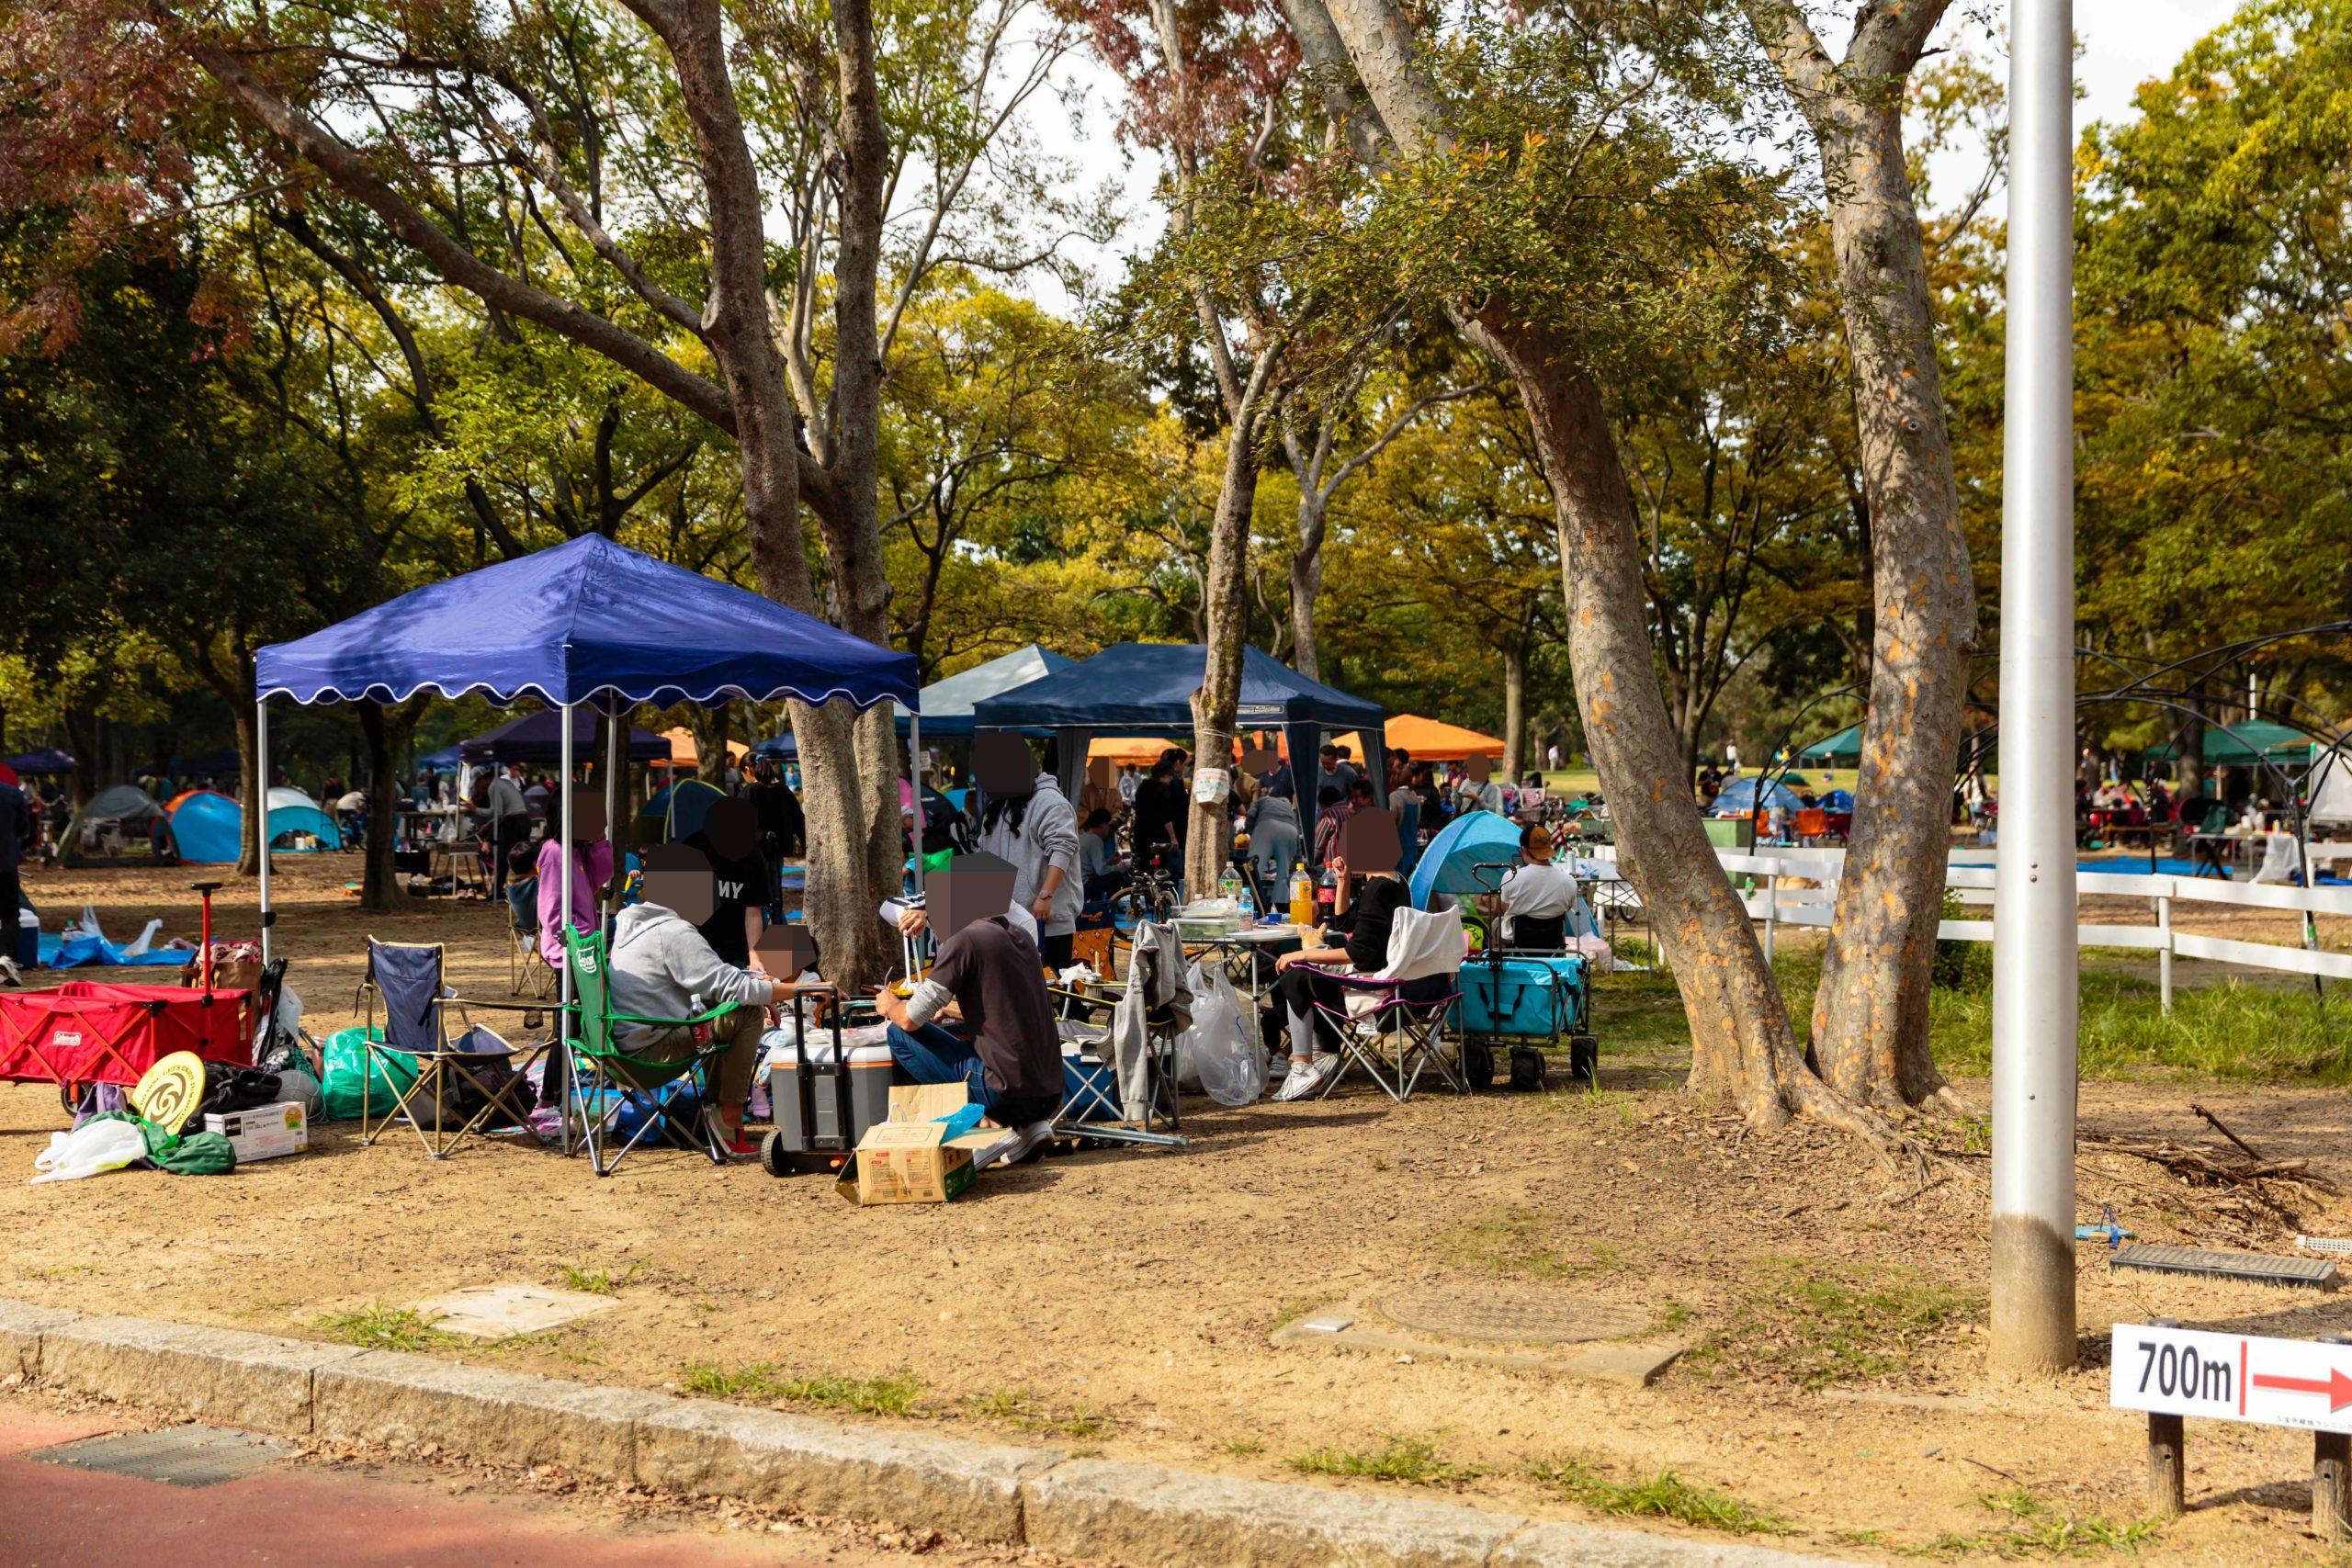 久宝寺緑地公園でバーベキューを楽しむ人たち